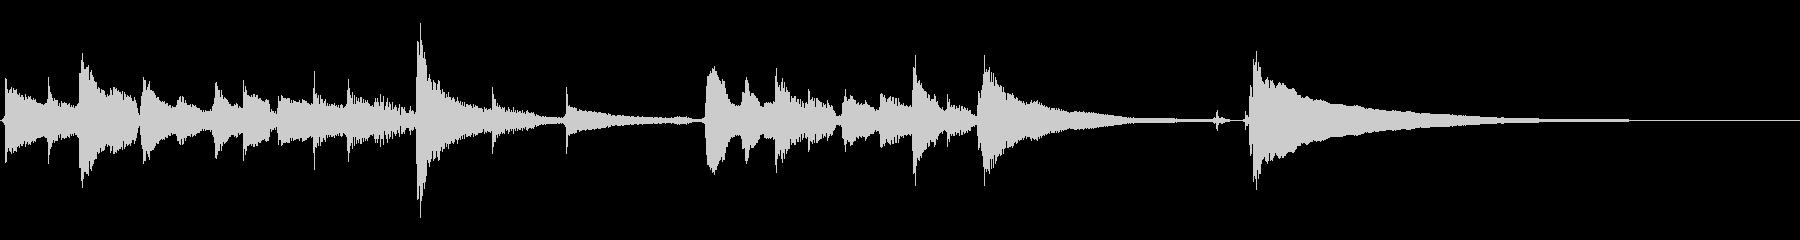 ★アコギ28/感動、生音、20秒の未再生の波形